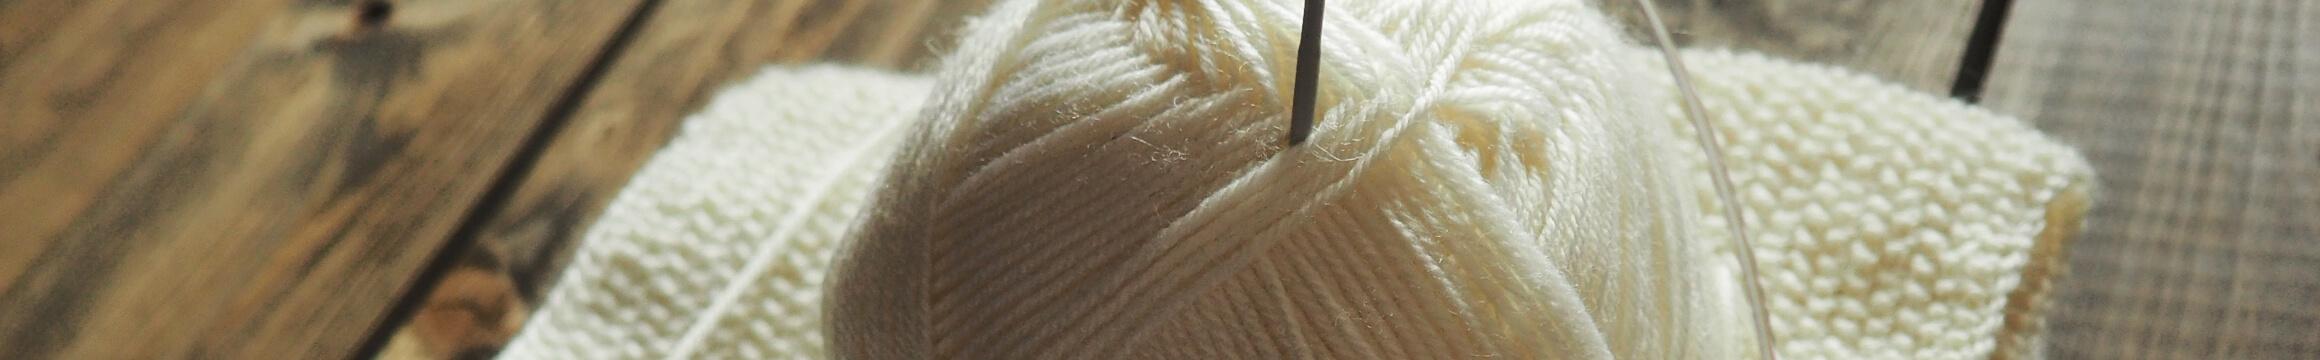 Knitting 05